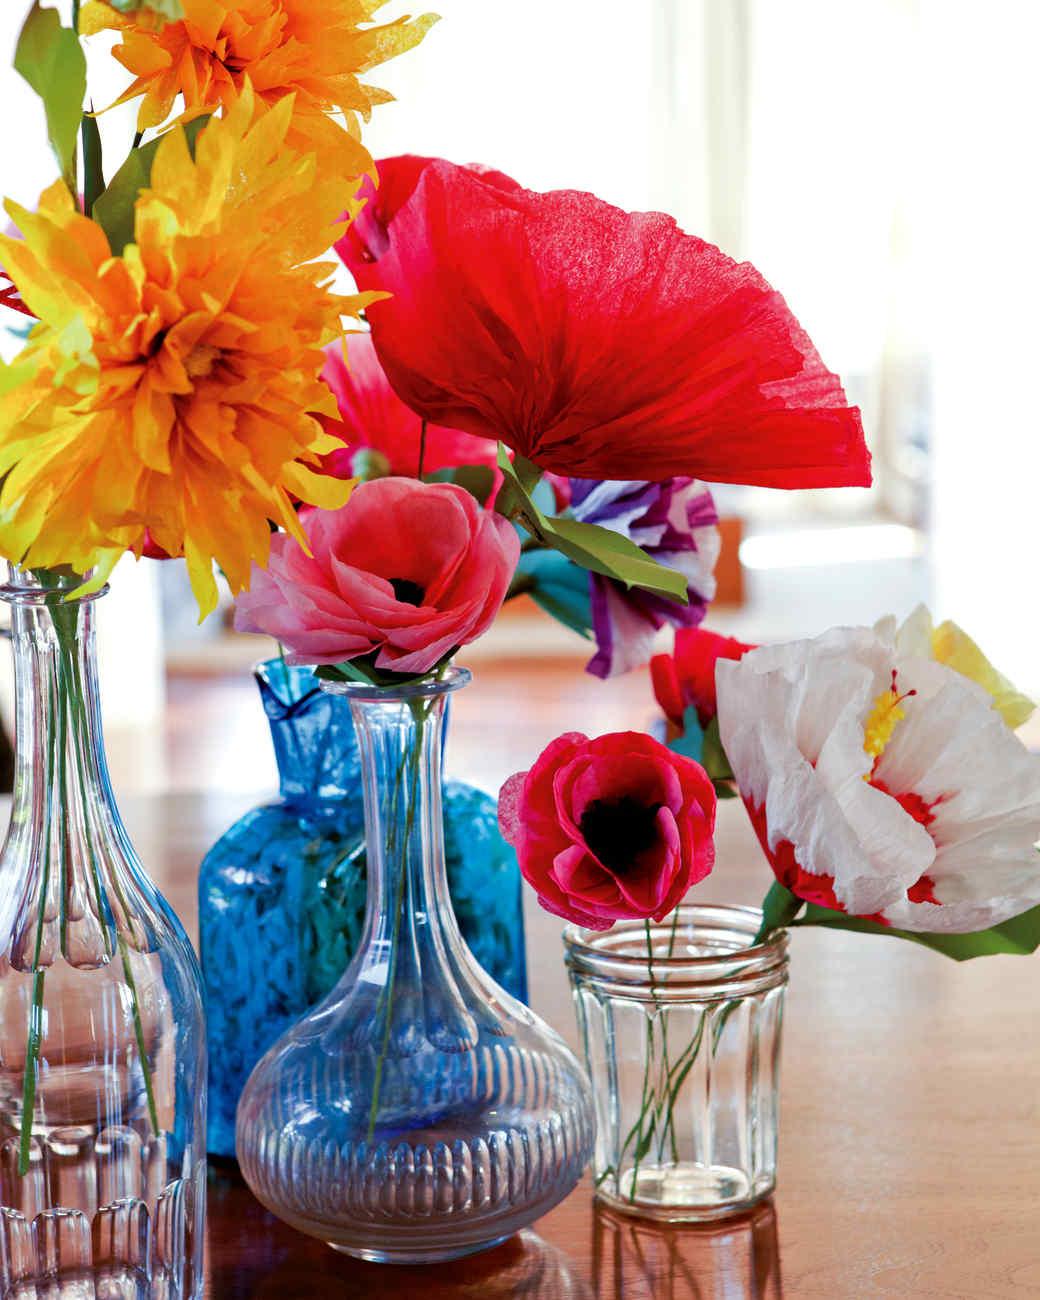 flowers-table-mld108157.jpg